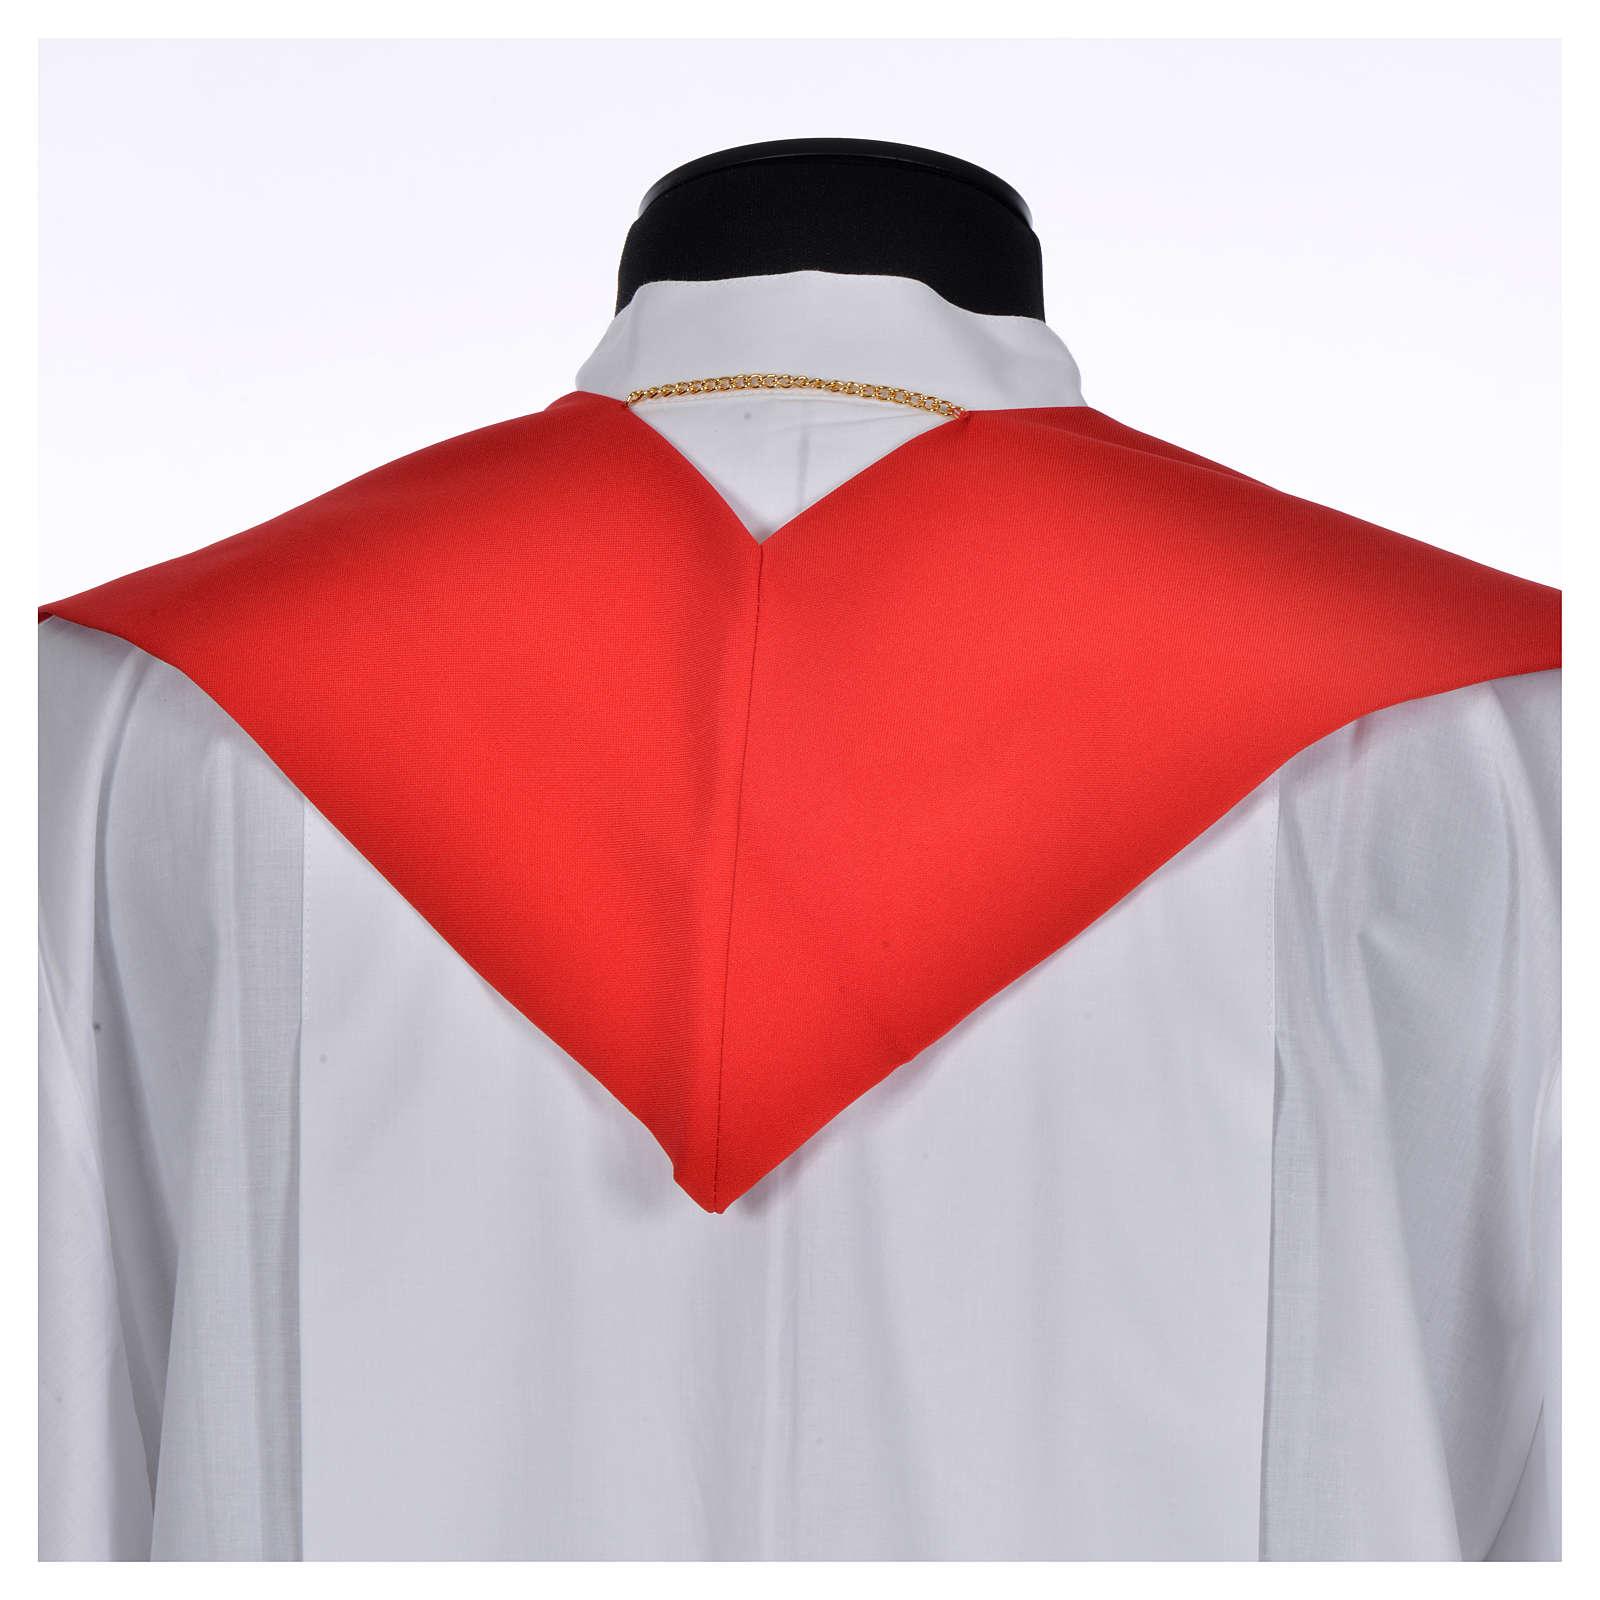 Etole liturgique 100% polyester symbole Chi-Rho stylisé 4